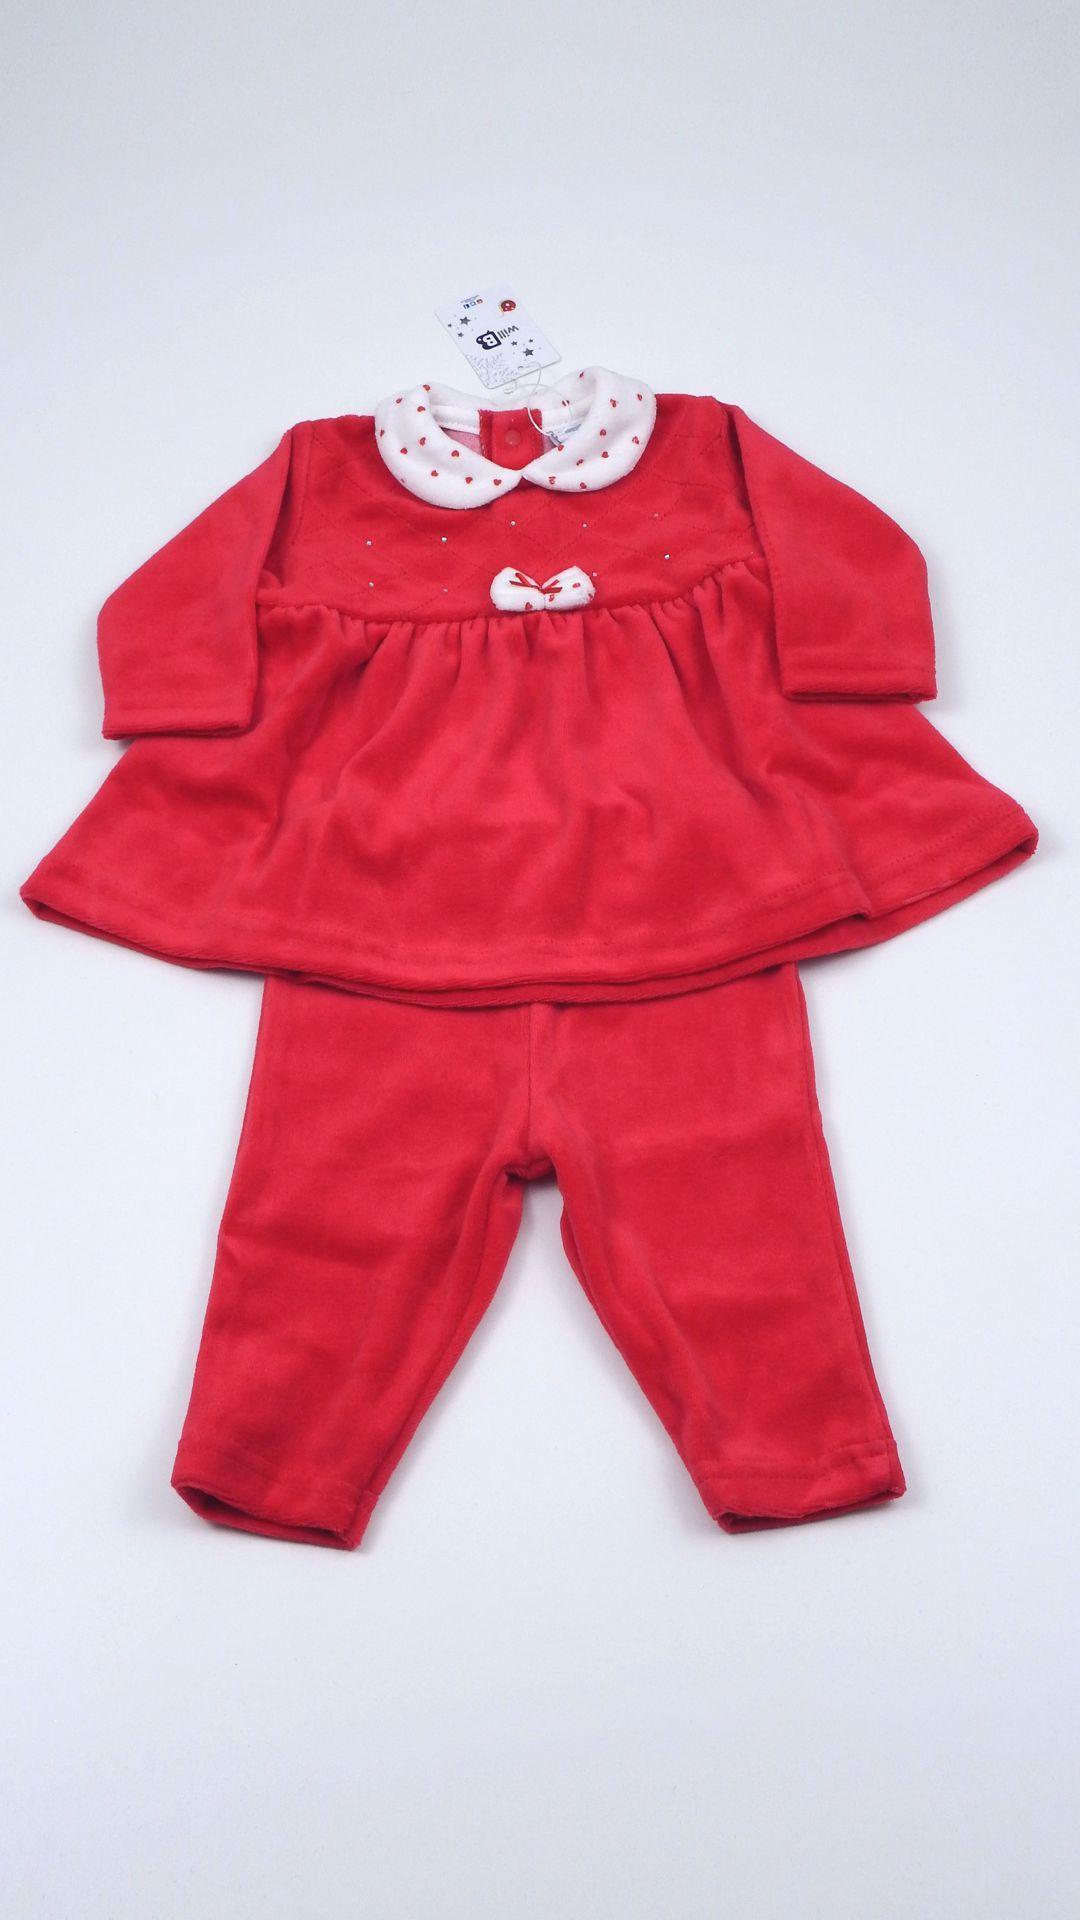 Abito neonata Will B, completo due pezzi, vestito aperto dietro con ...